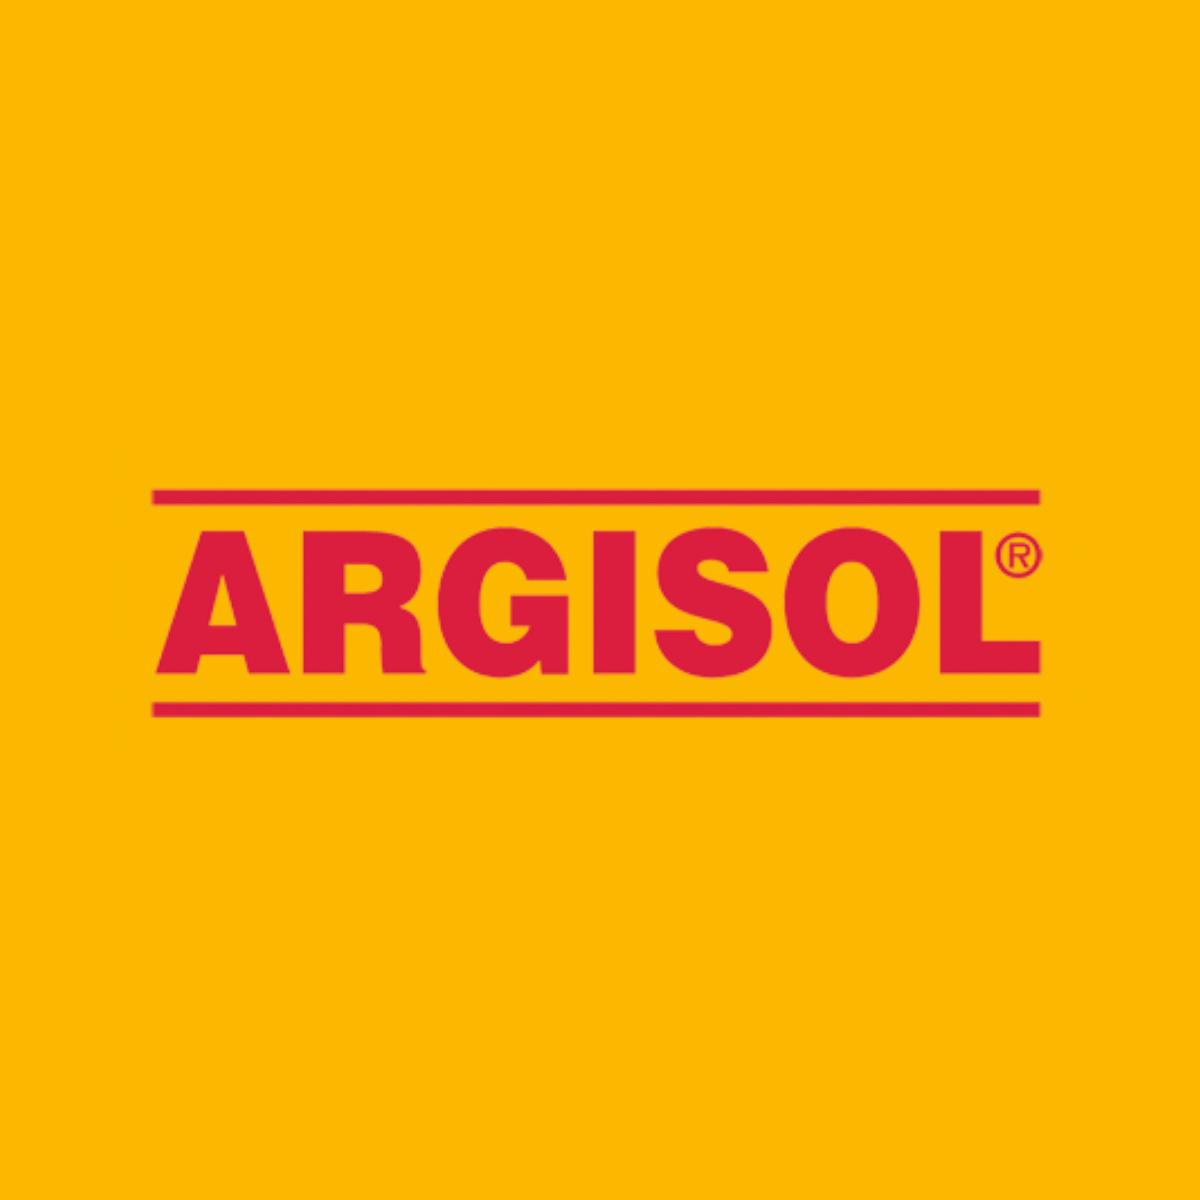 ARGISOL